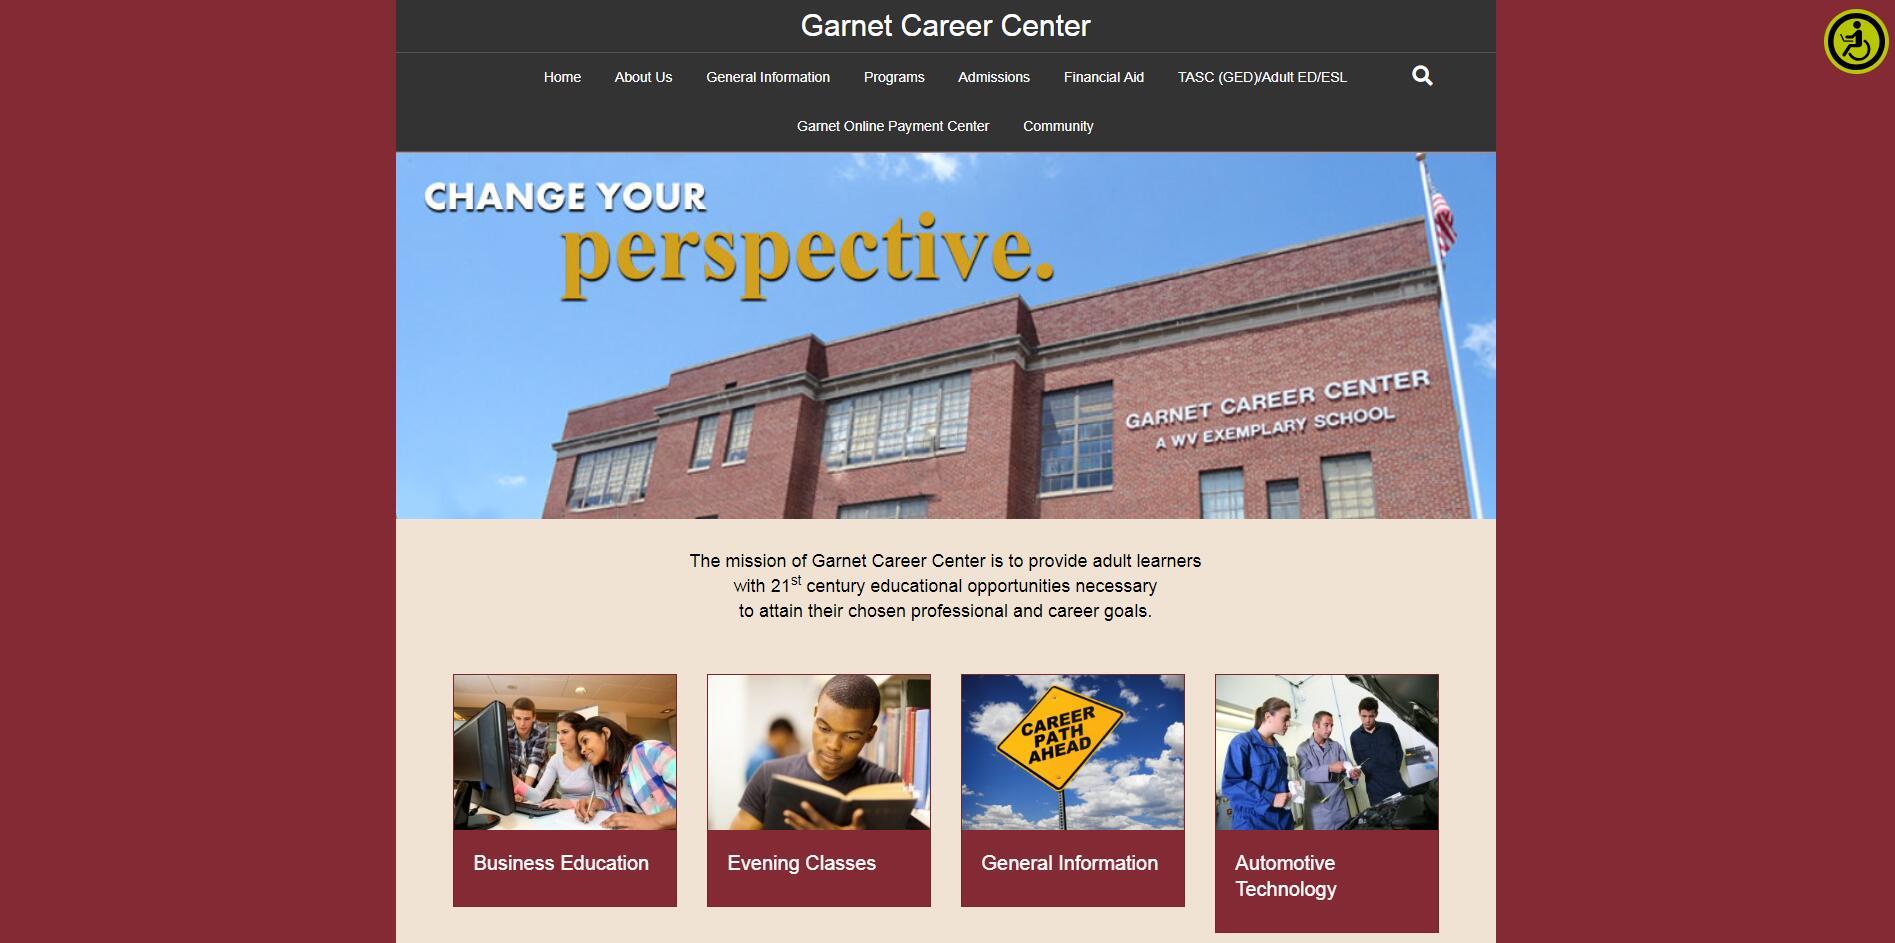 Garnet Career Center